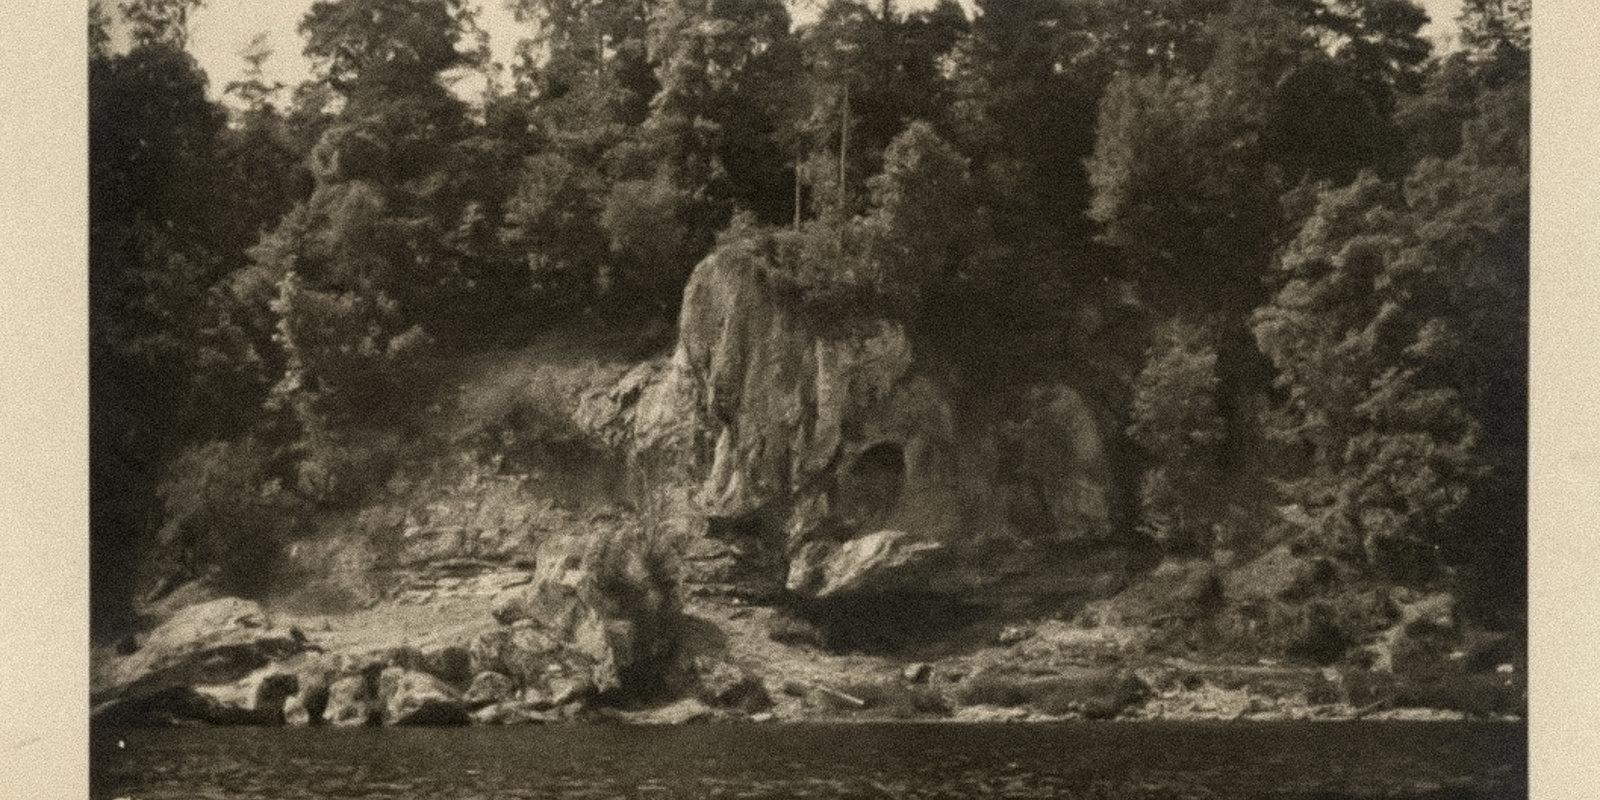 30 метров под водой: исчезнувший Стабурагс – латвийская легенда